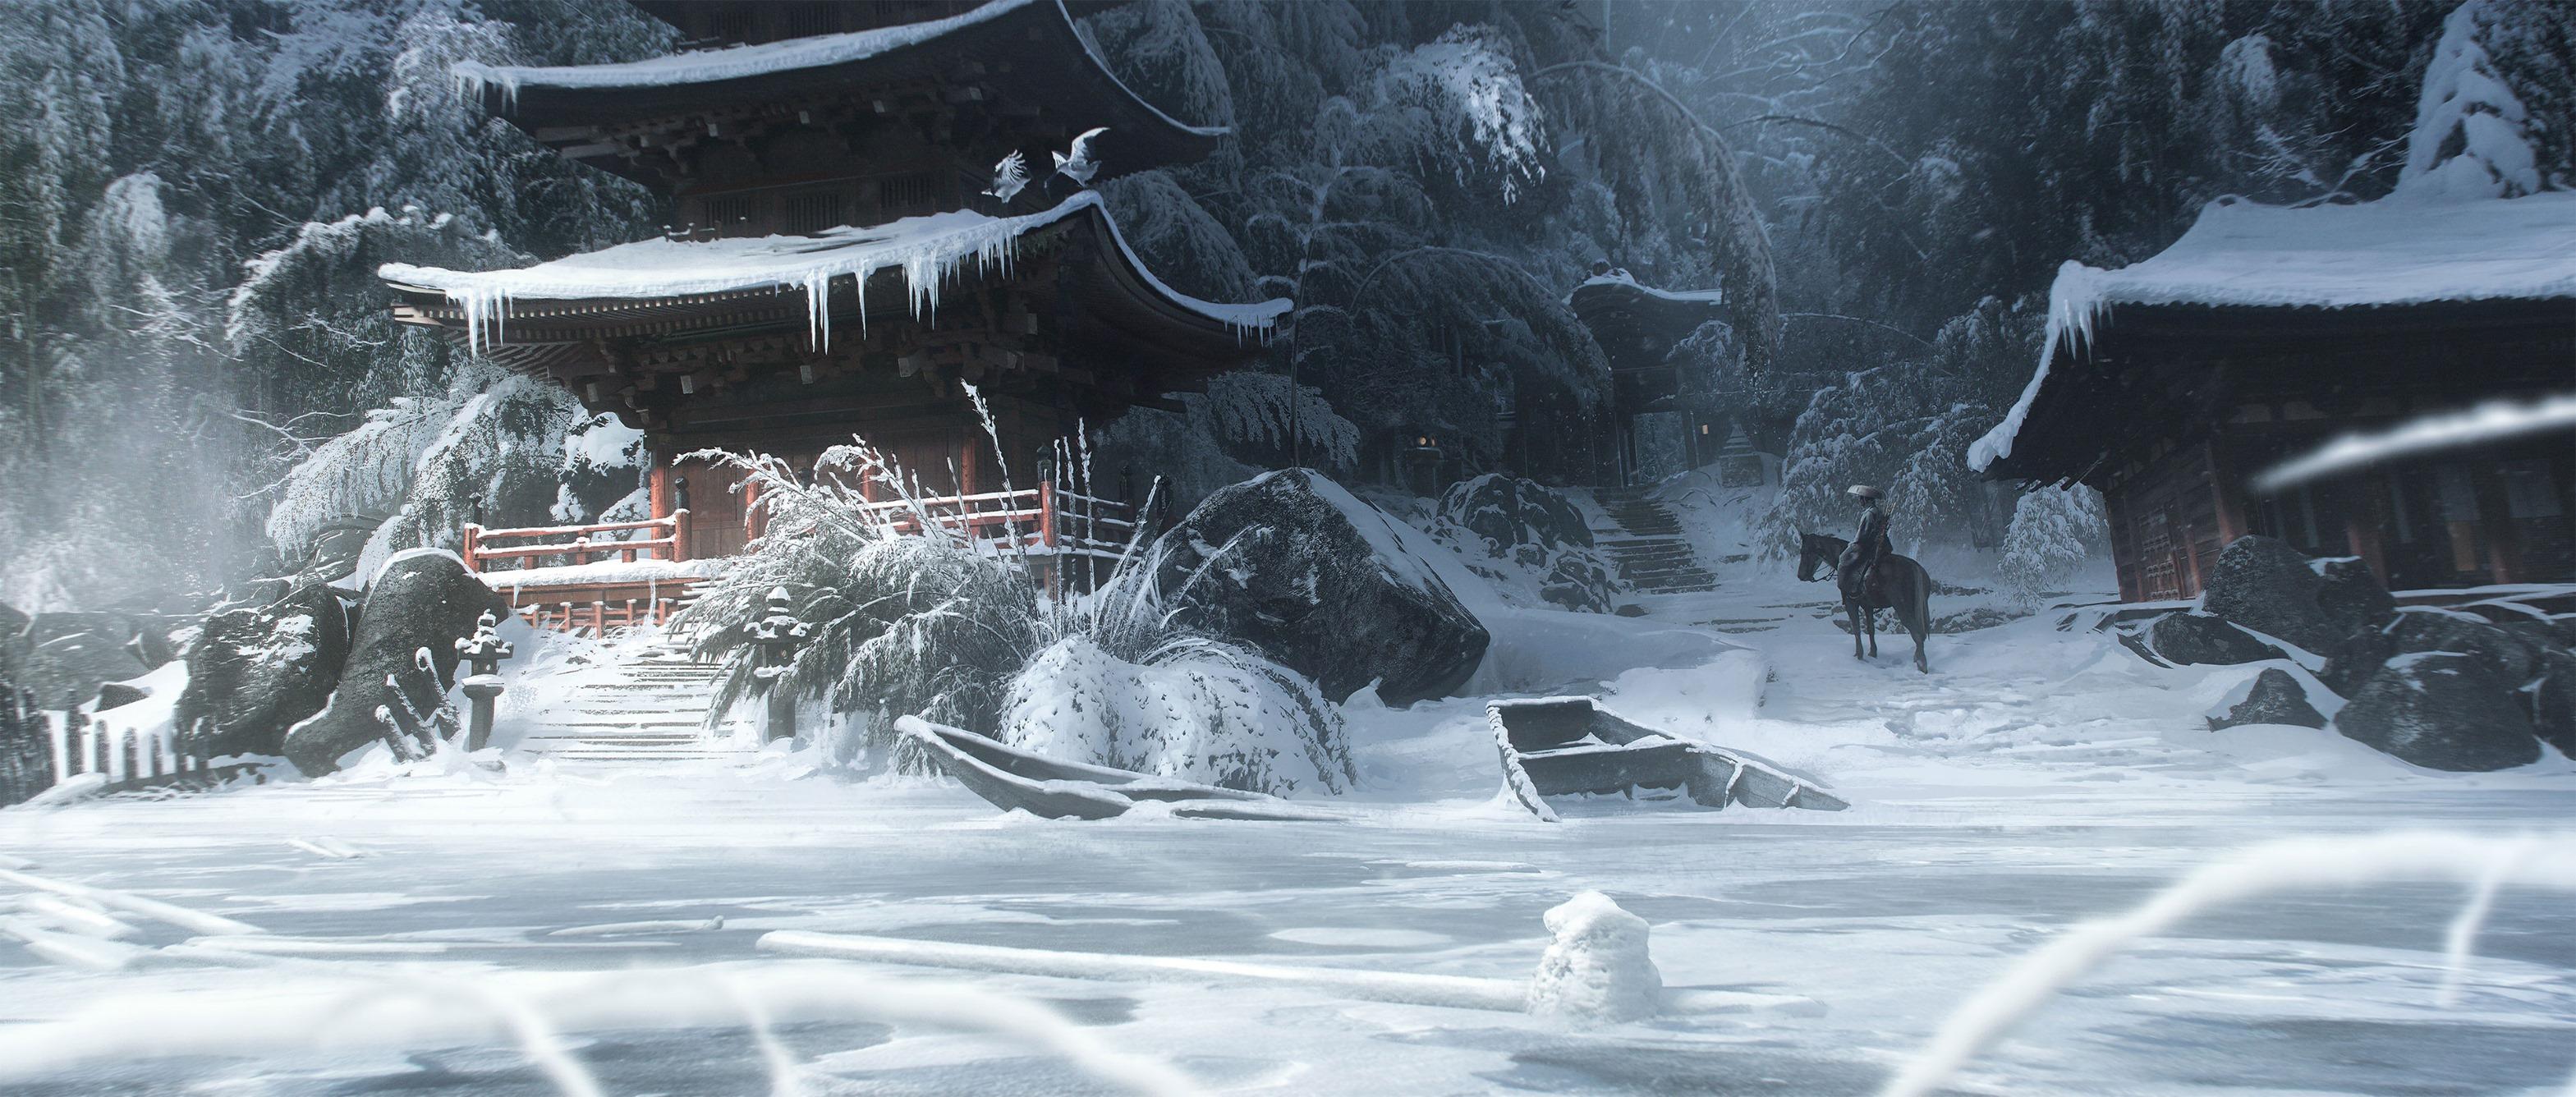 對馬幽魂 - 《對馬幽魂》公開了一組概念藝術設定圖 Image